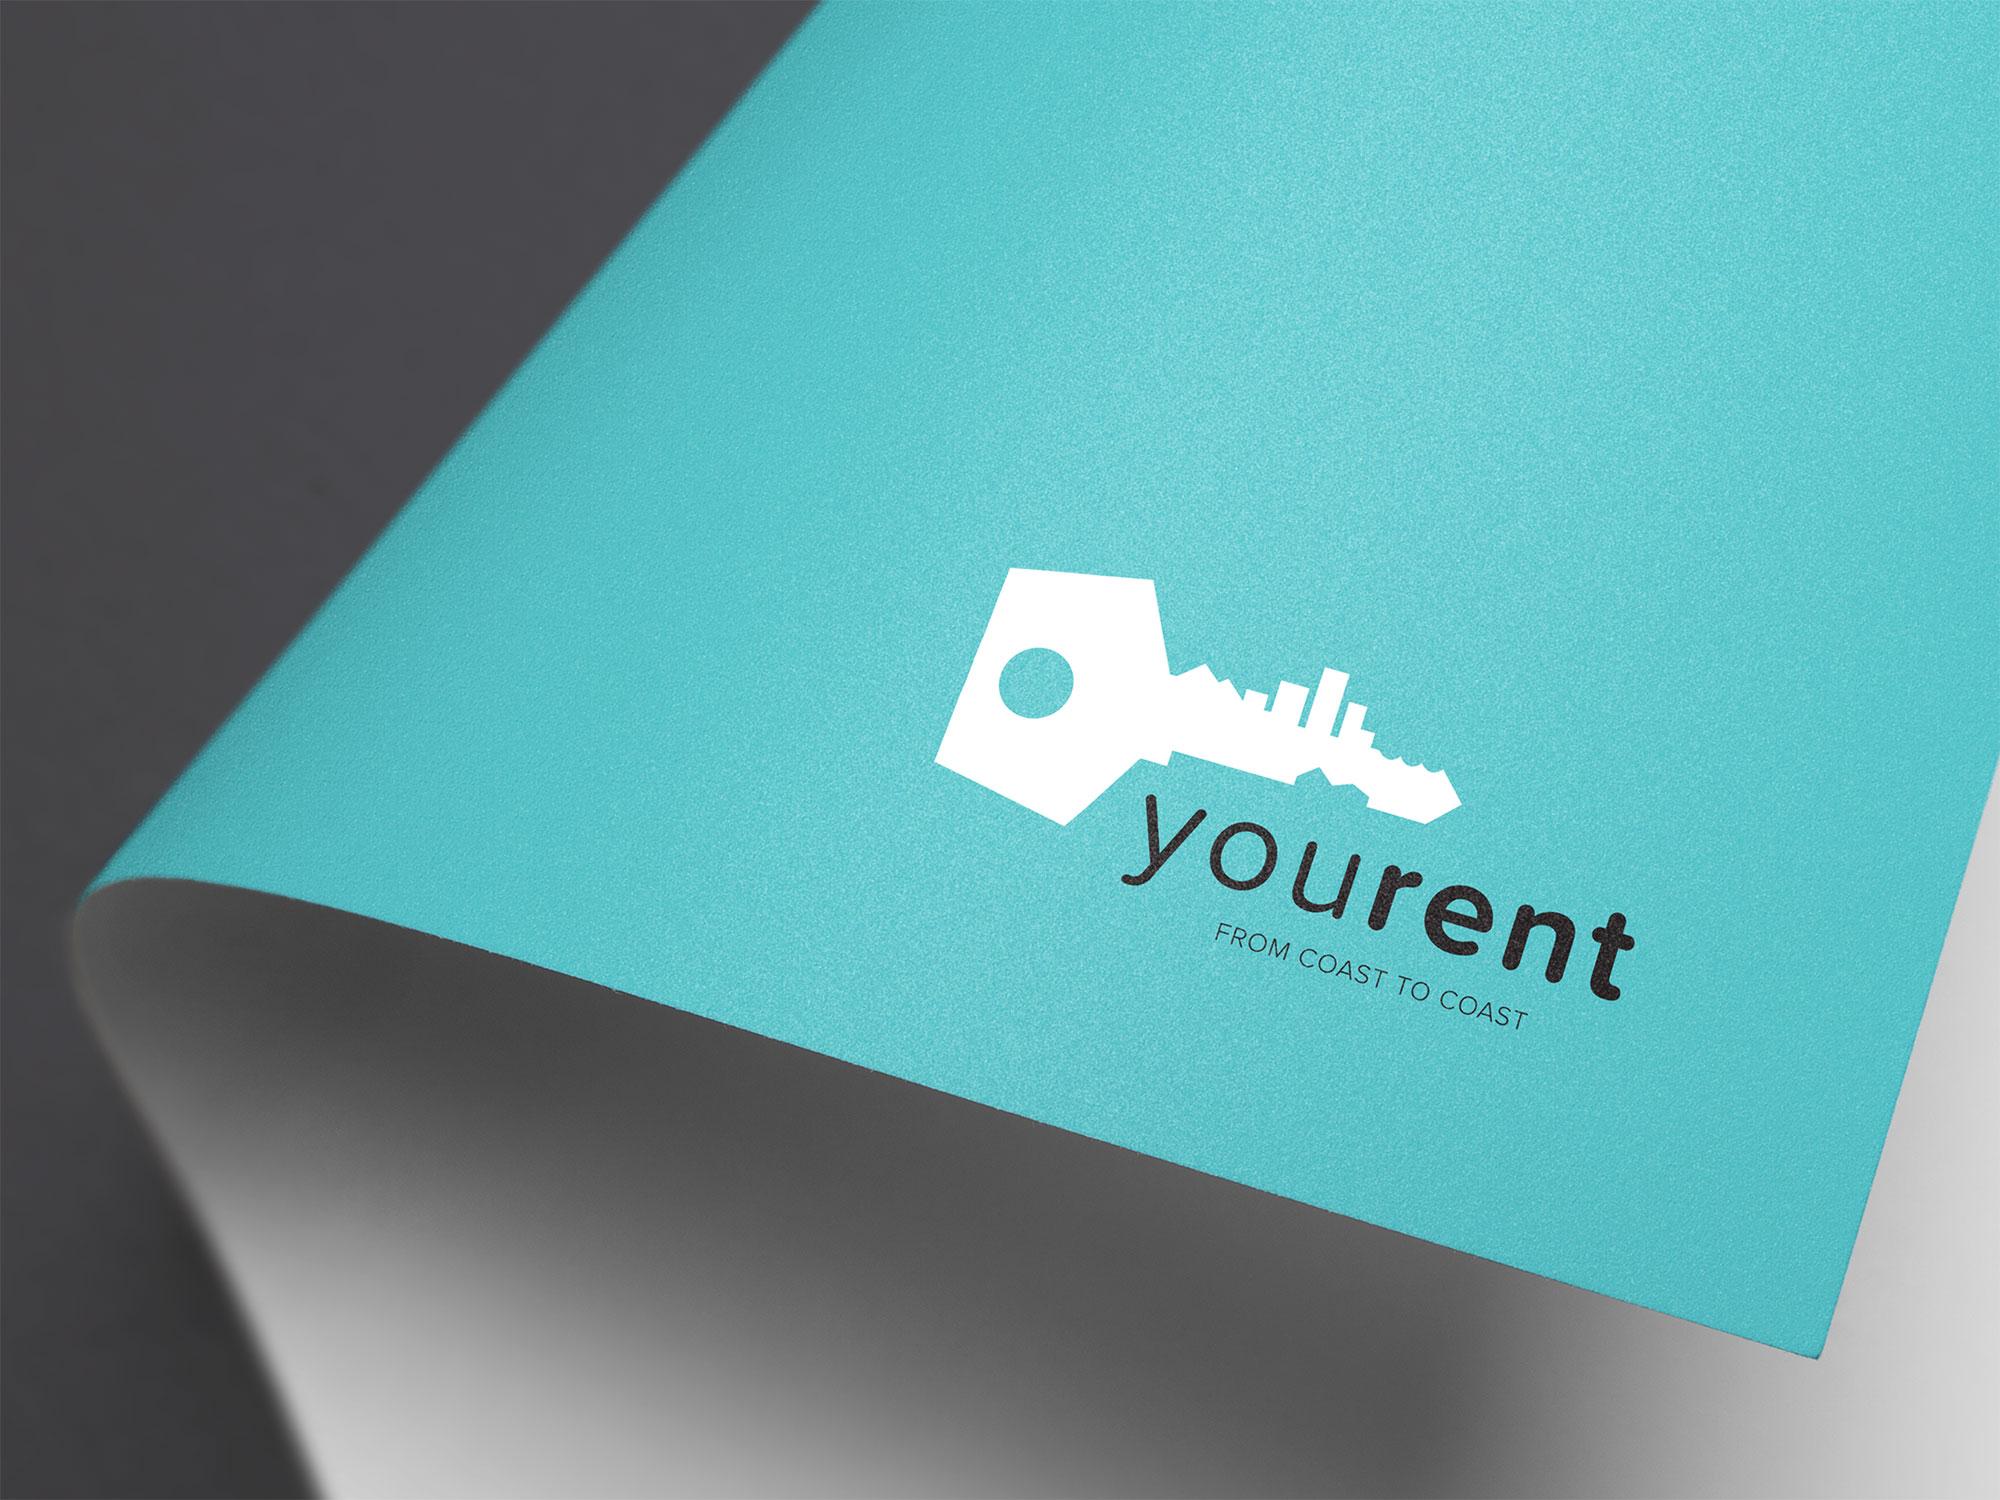 yourent_letterhead.jpg